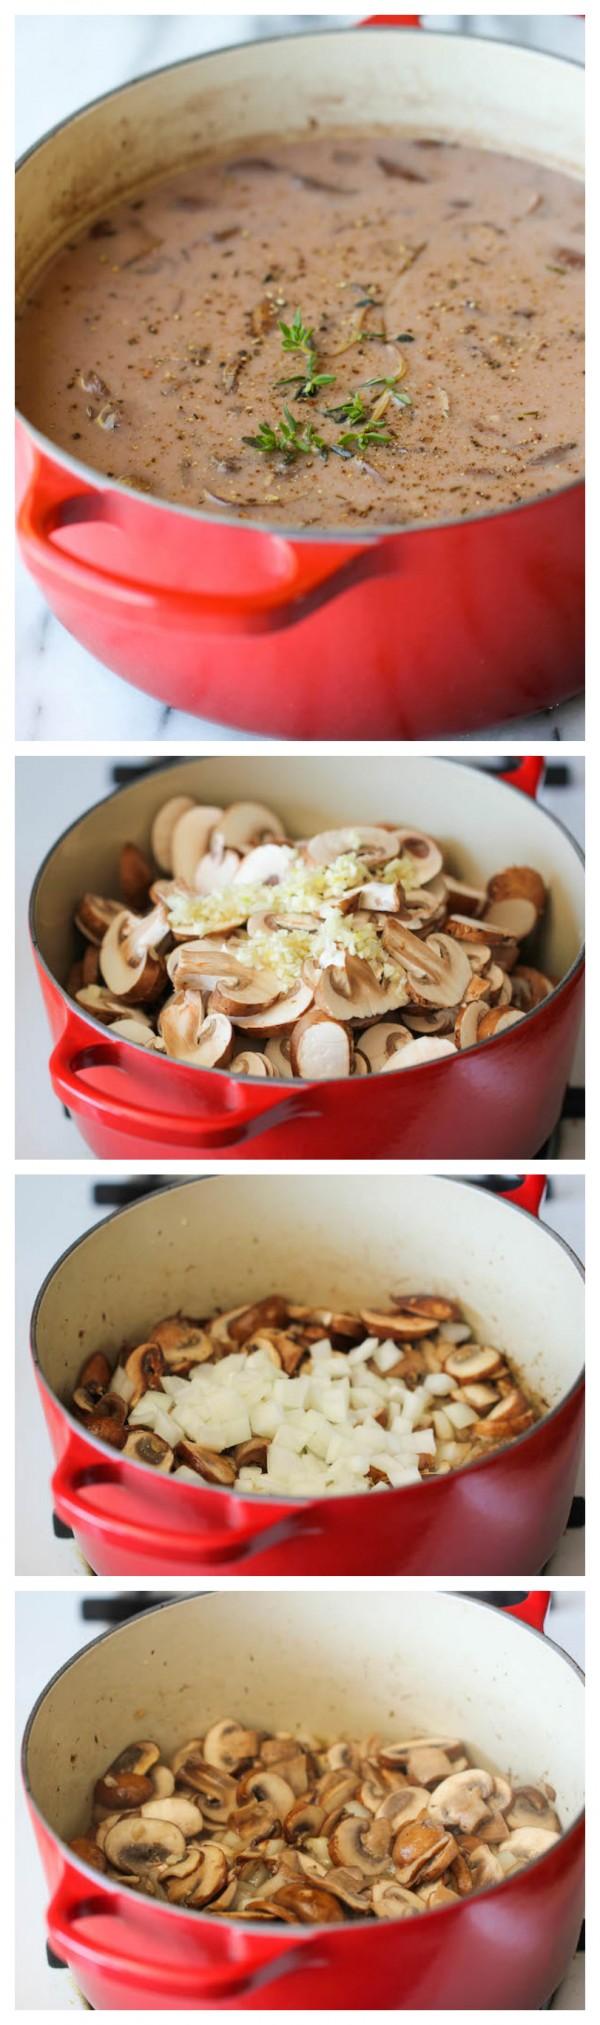 Get the recipe Homemade Cream of Mushroom Soup @recipes_to_go